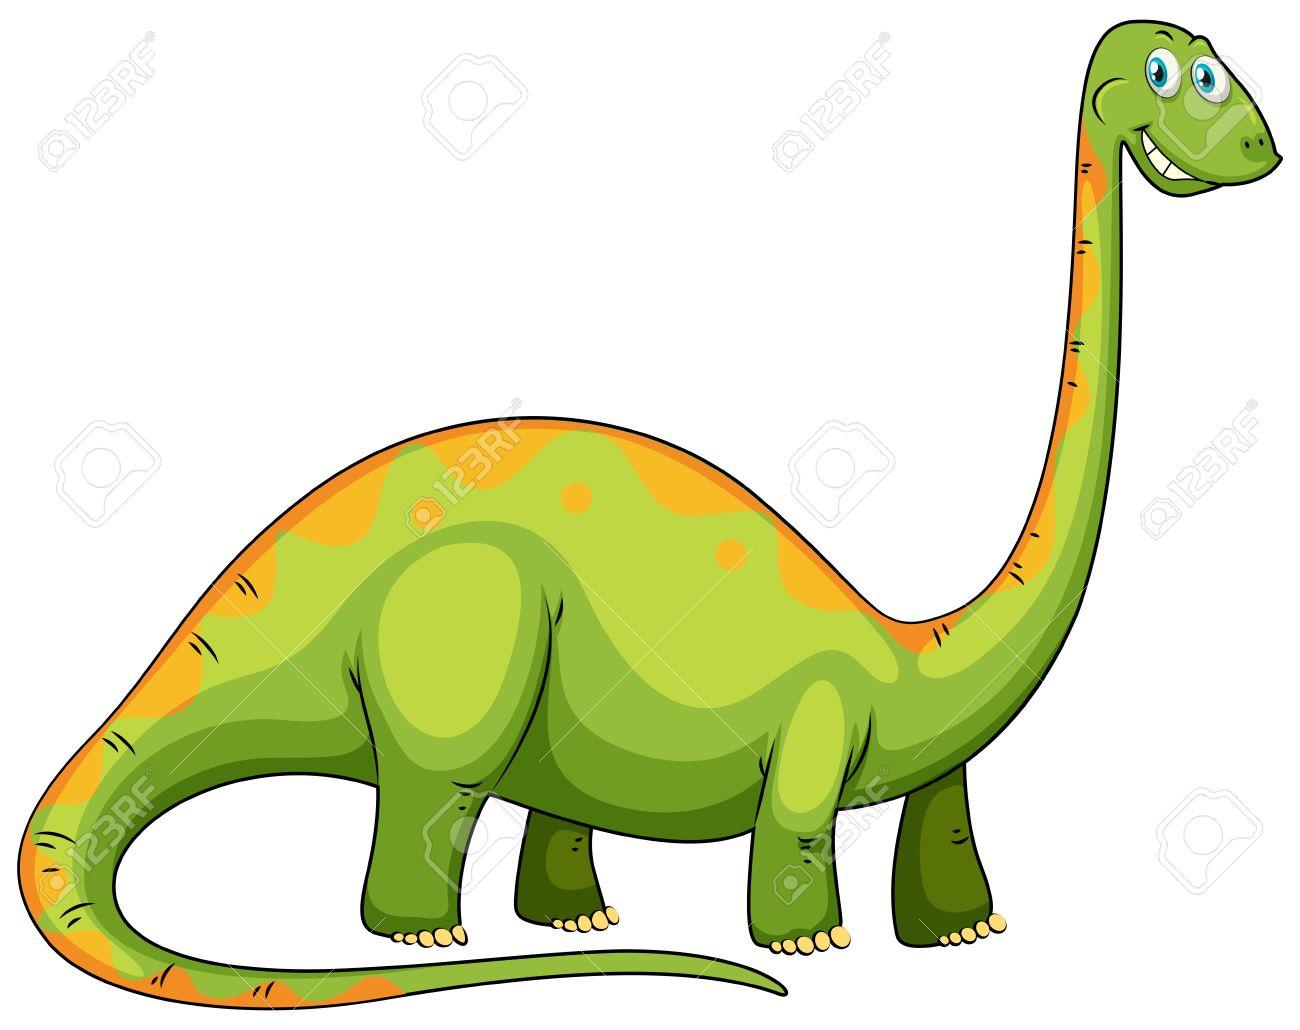 Dinosaurio Verde Con La Ilustracion De Cuello Largo Ilustraciones Vectoriales Clip Art Vectorizado Libre De Derechos Image 46524478 En brasil fue descubierto el dinosaurio de cuello largo más antiguo del mundo. dinosaurio verde con la ilustracion de cuello largo